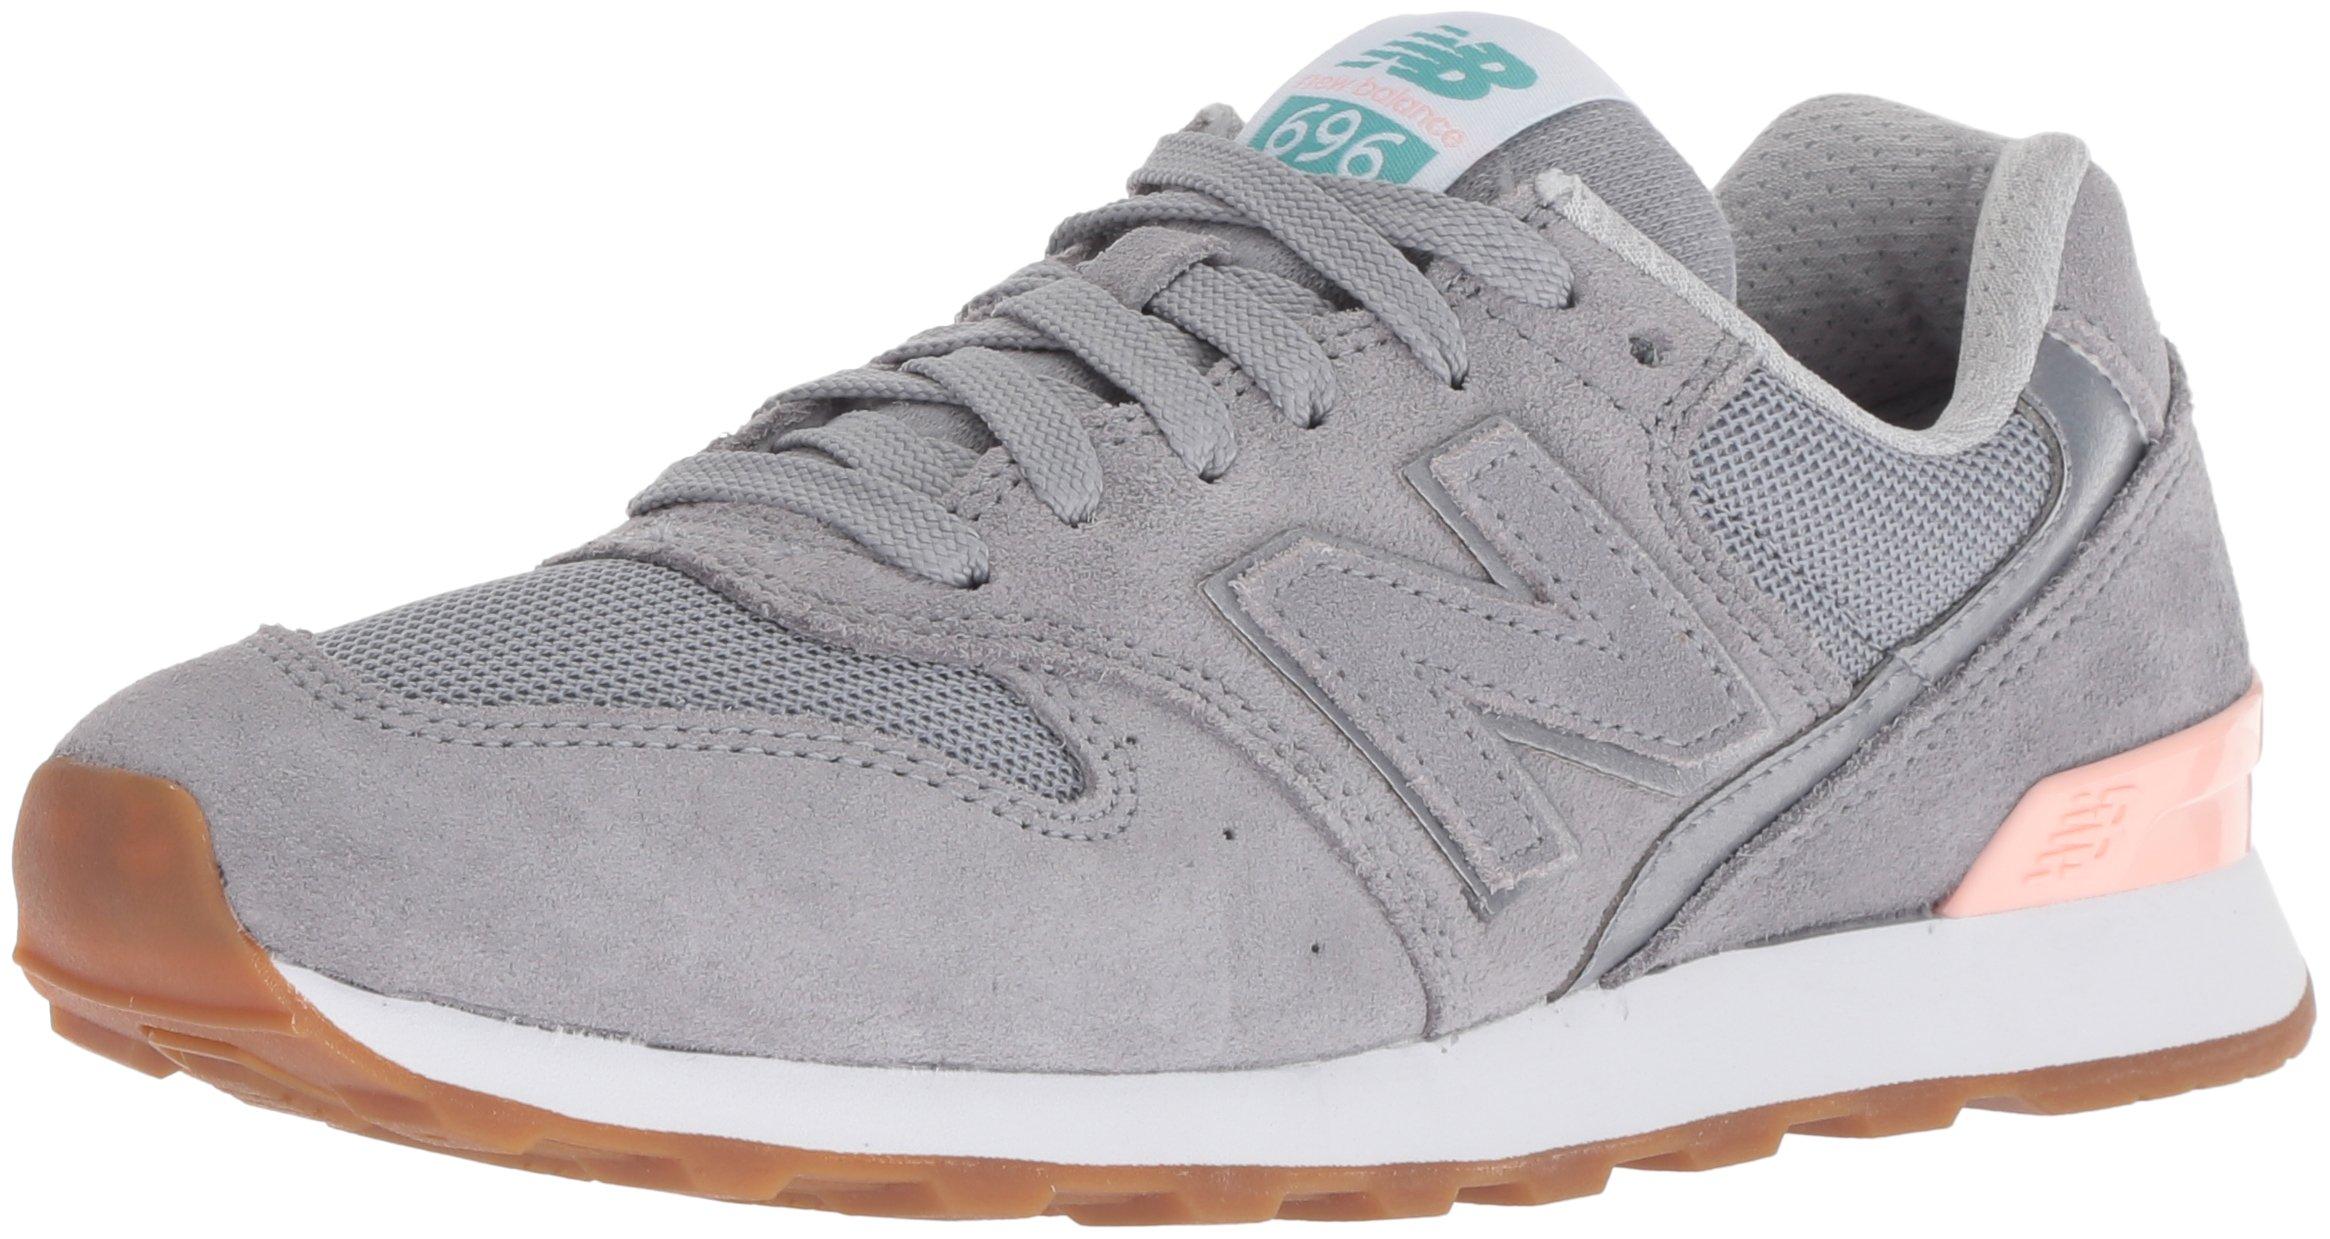 New Balance Women's 696v1 Sneaker, Steel, 7.5 B US